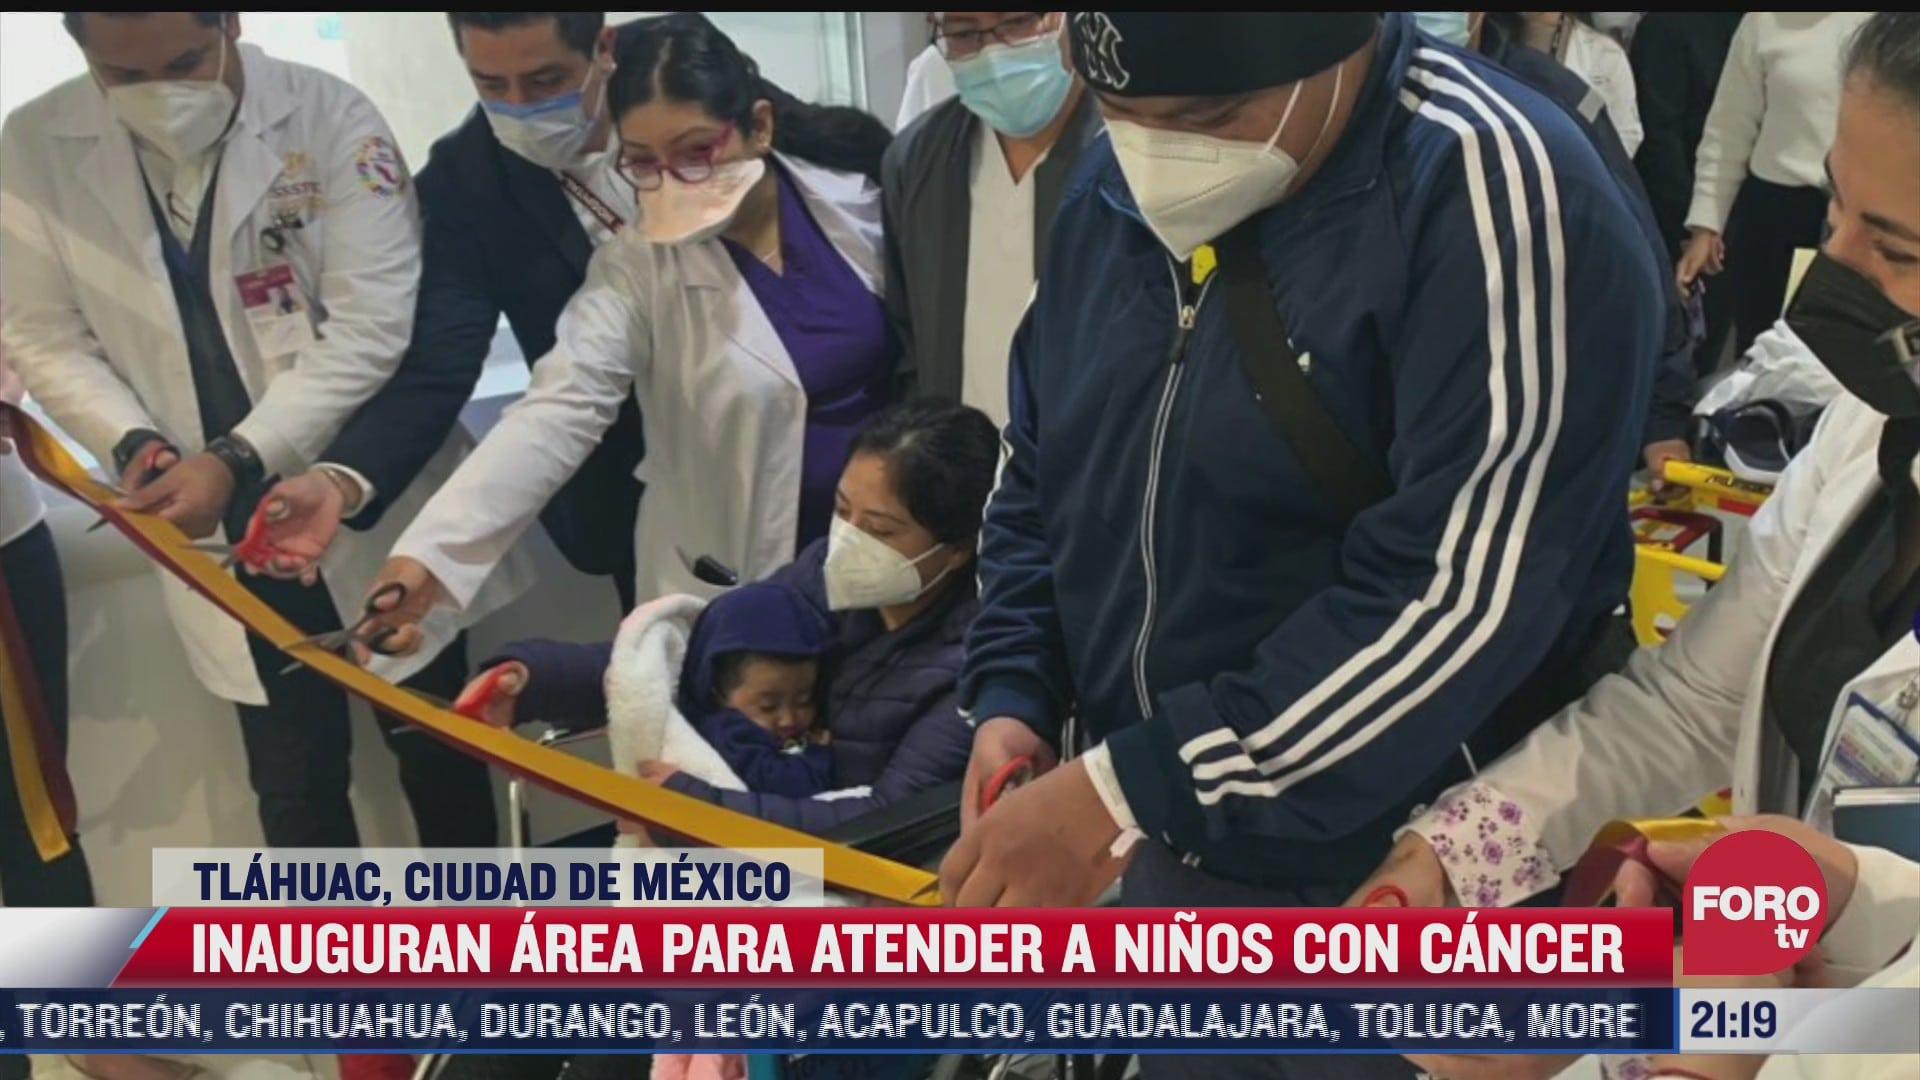 inauguran area para atender ninos con cancer en hospital del issste en tlahuac